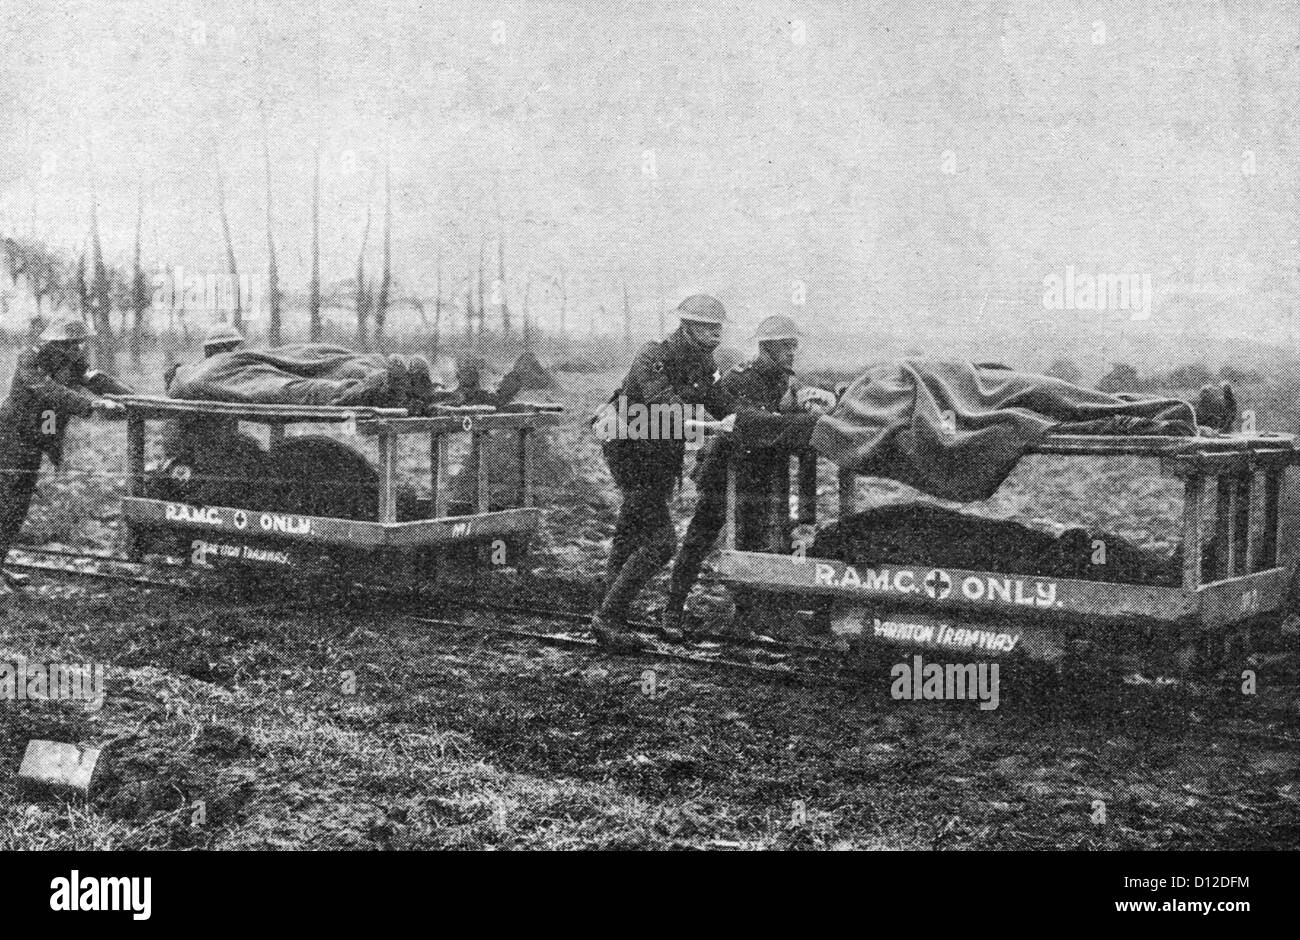 Ambulances being pushed long train tracks during World War I - Stock Image